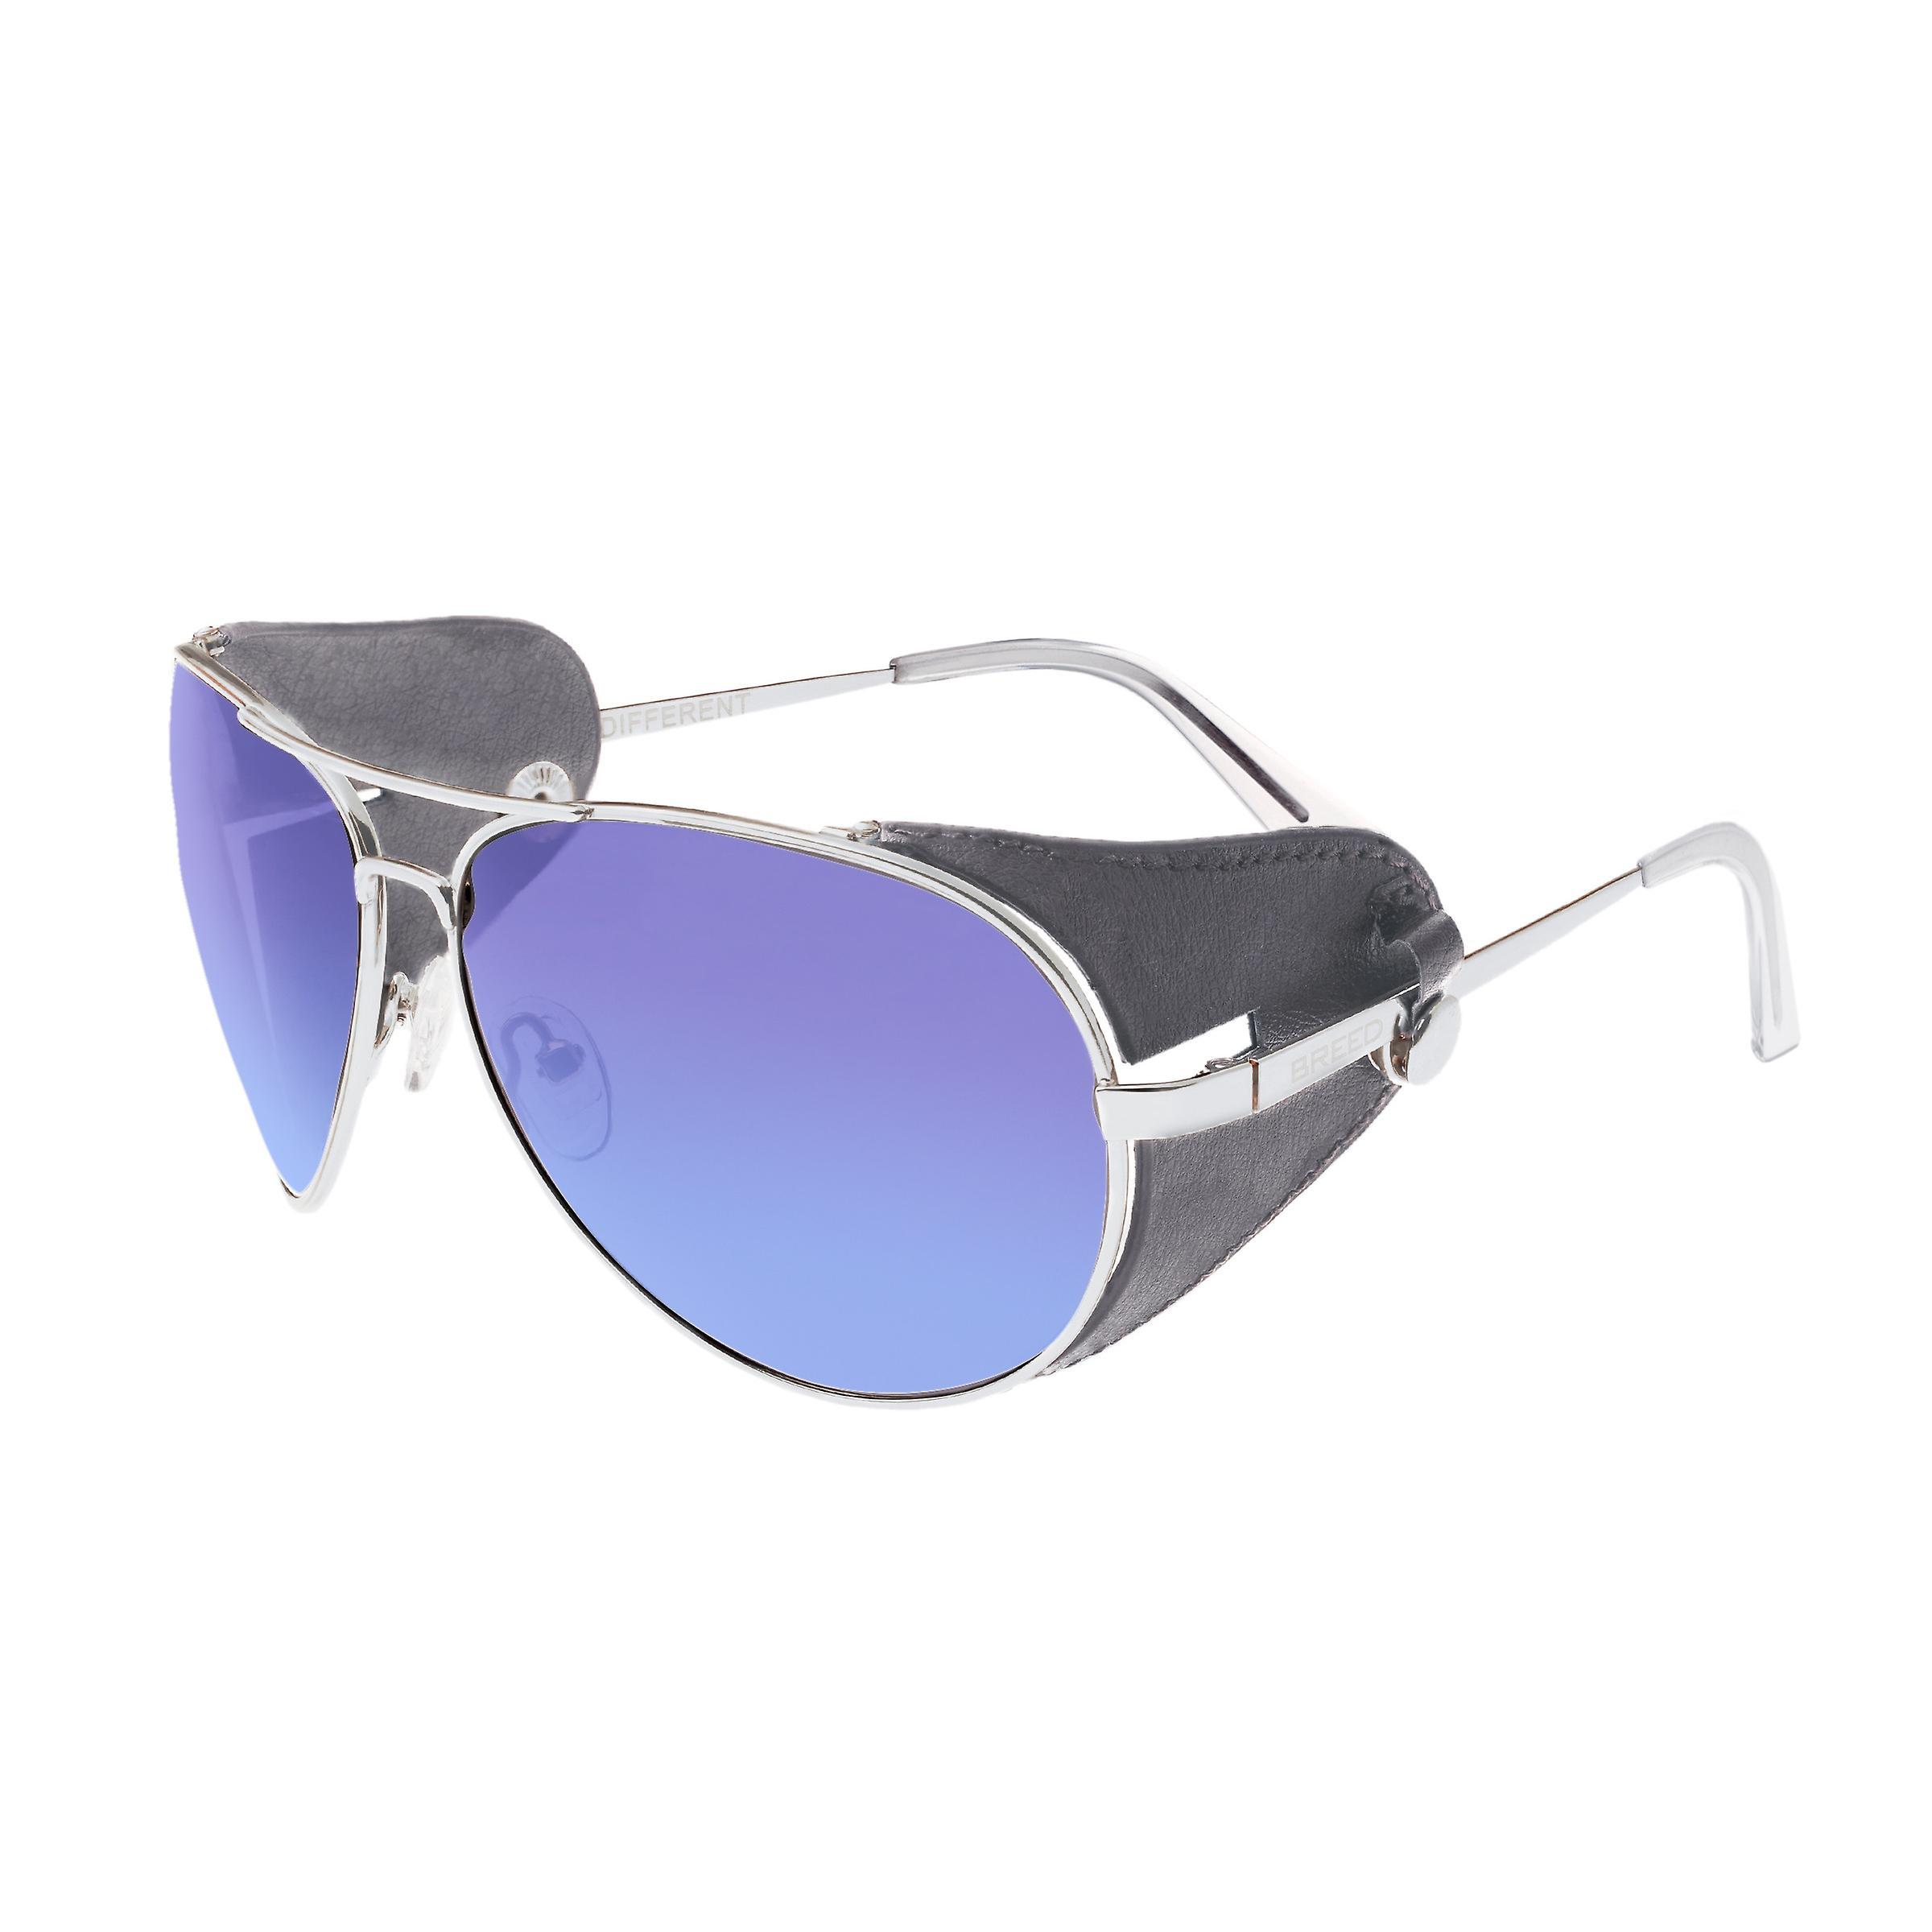 Race Eclipse titane Polarized lunettes de soleil - argent bleu-violet